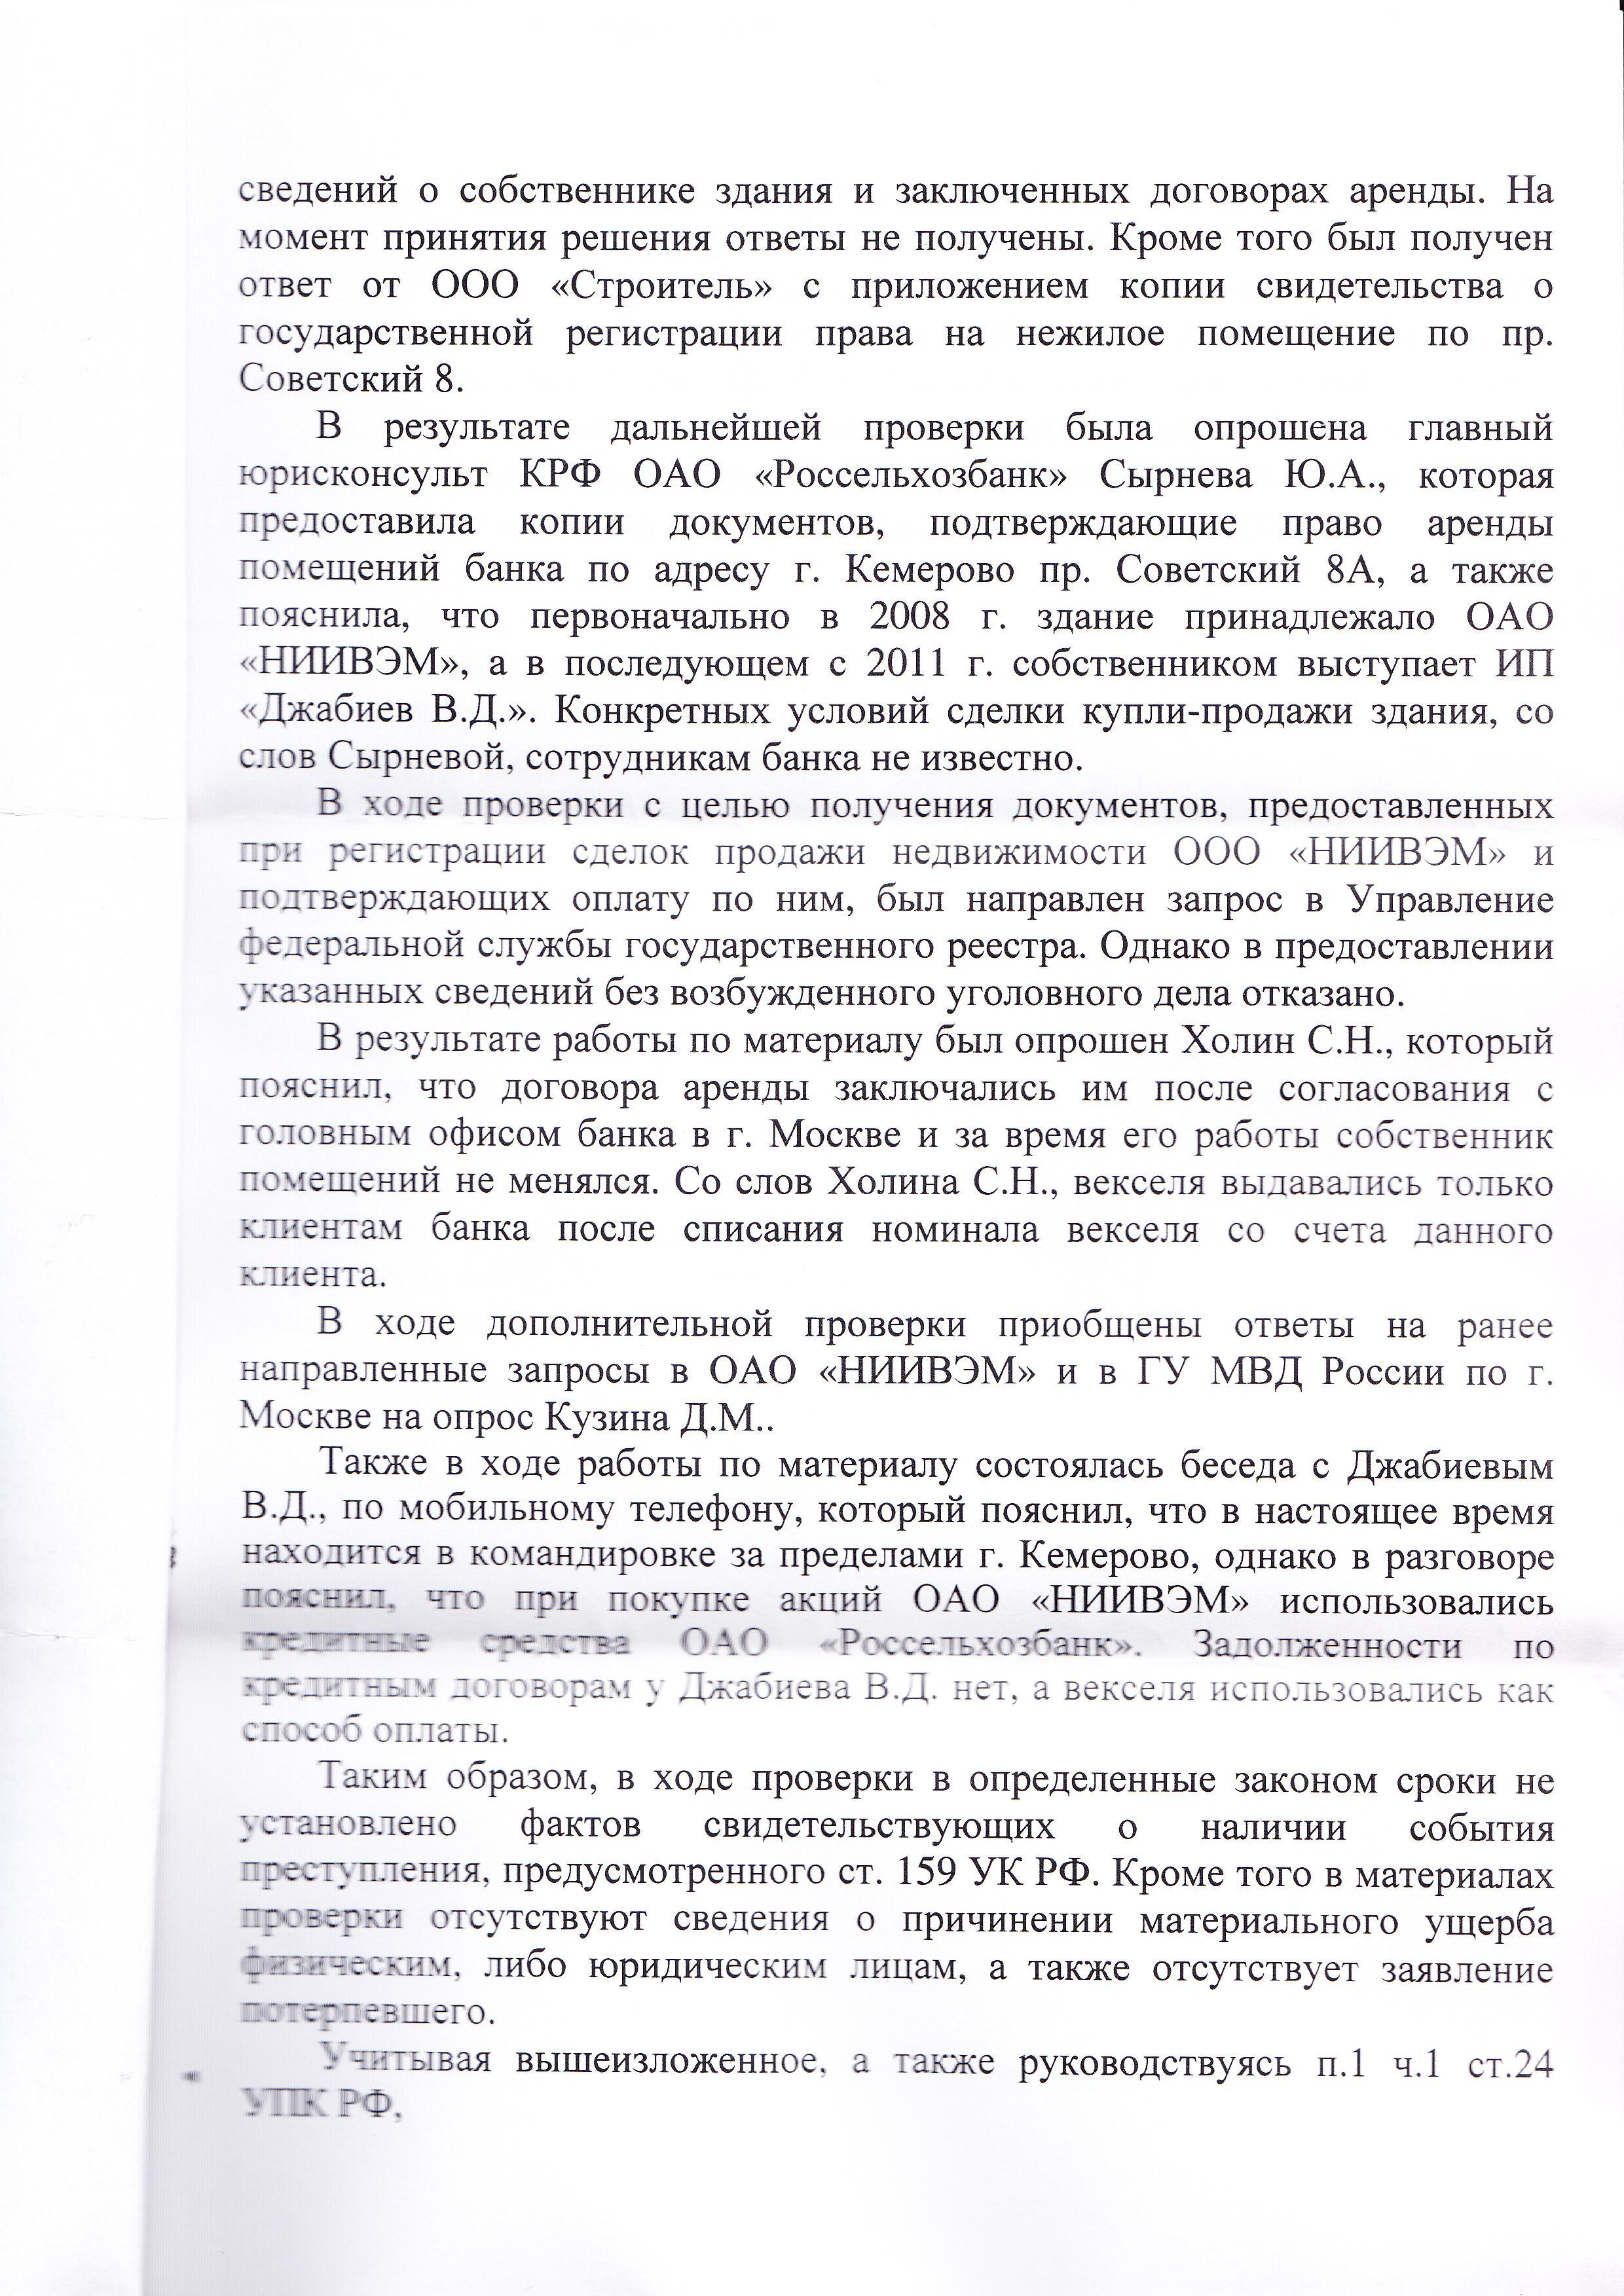 Постановление УВД Кемерова от 09 06 2015 - 2 с